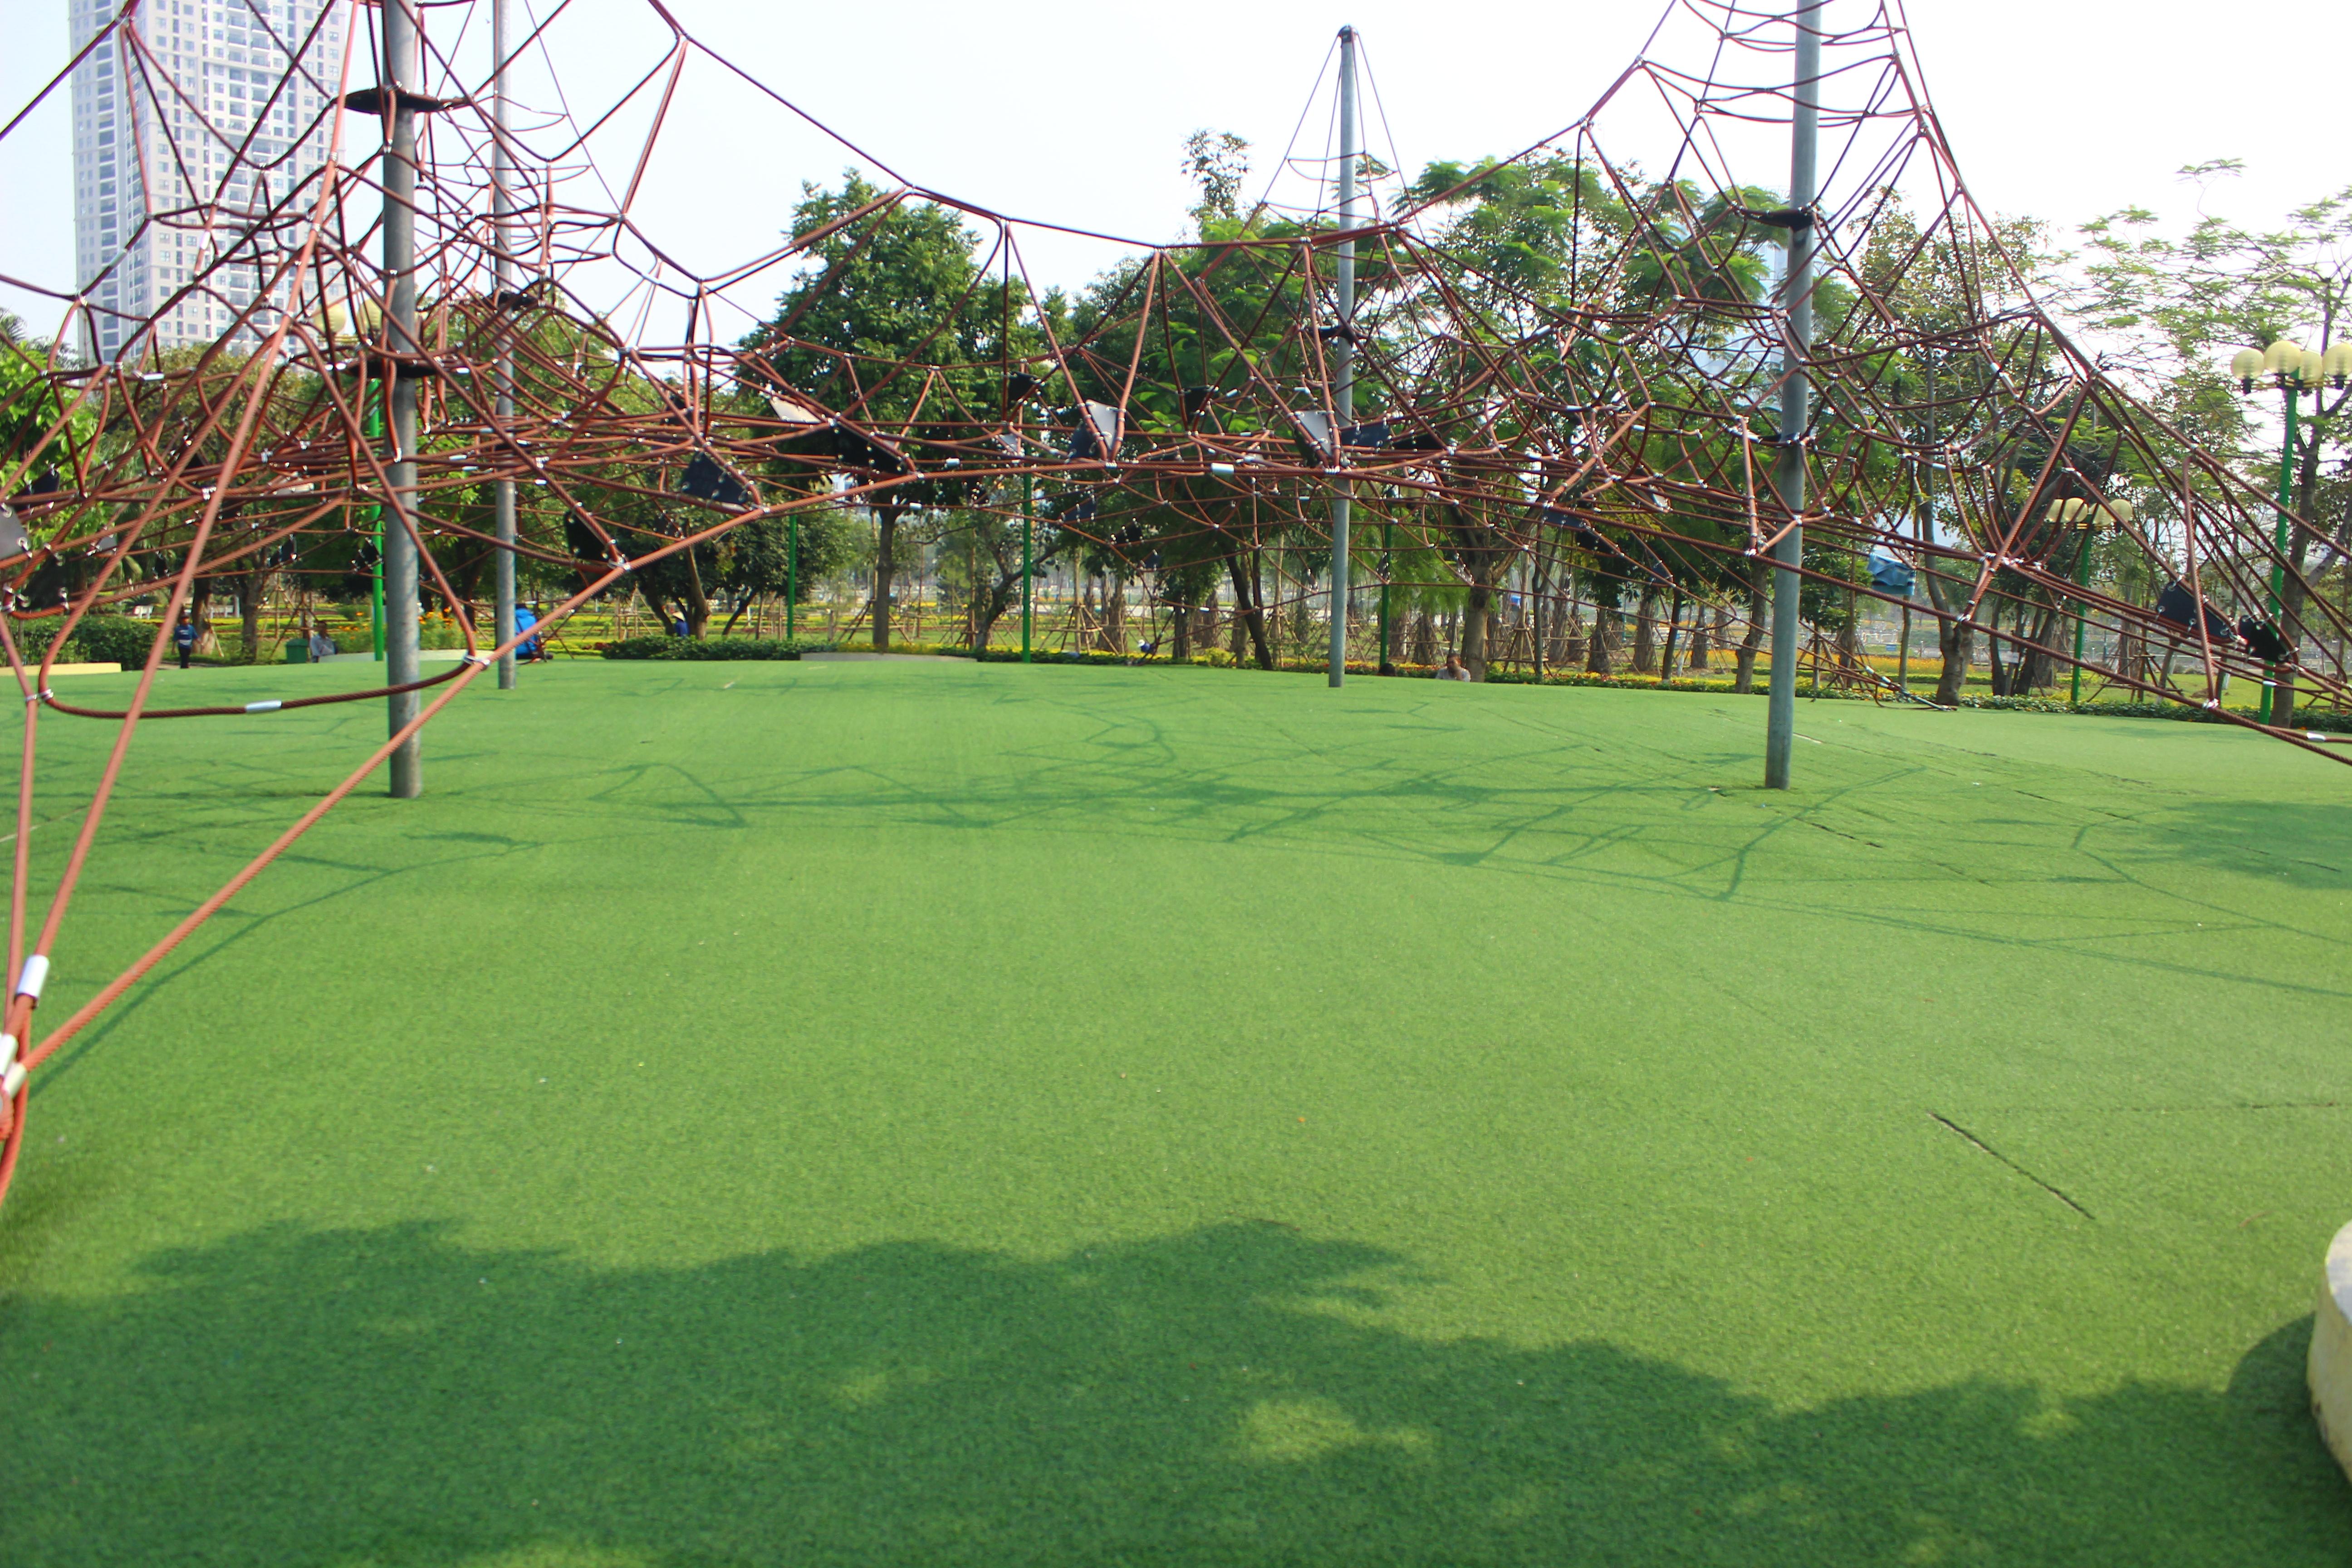 Các thiết bị vui chơi do Nhật Bản tài trợ lắp ráp.  Toàn bộ mặt sàn của sân chơi được trải cỏ n 1